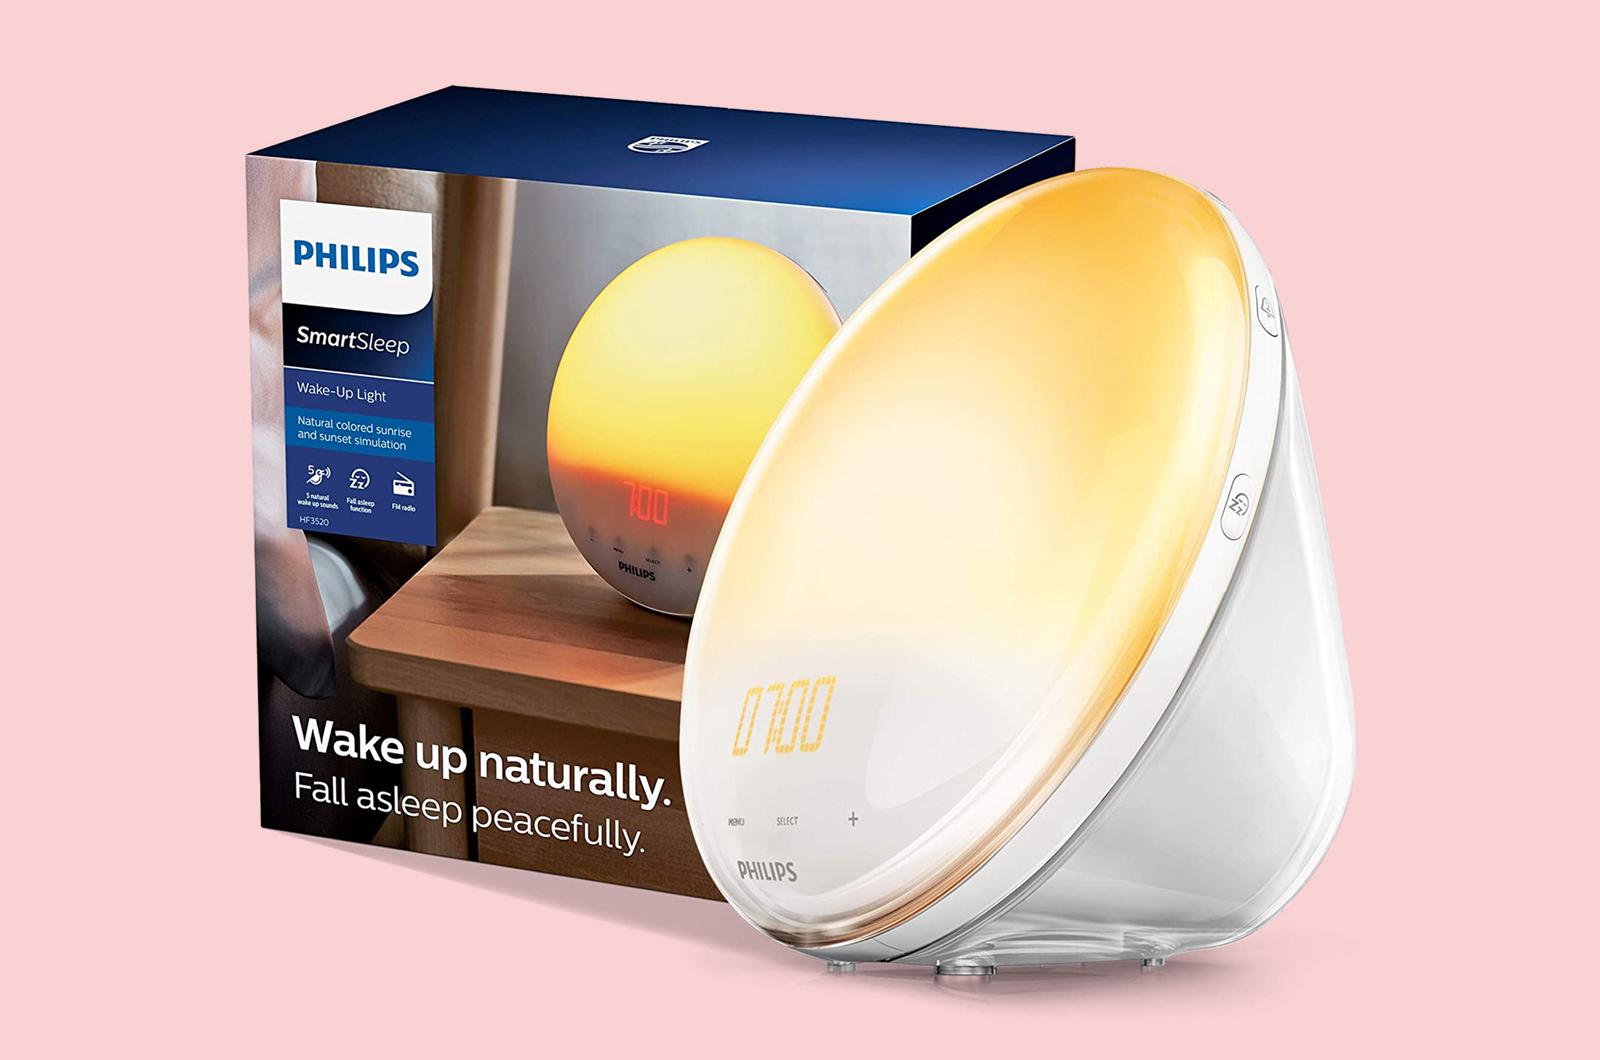 Philips SmartSleep Wake up Light